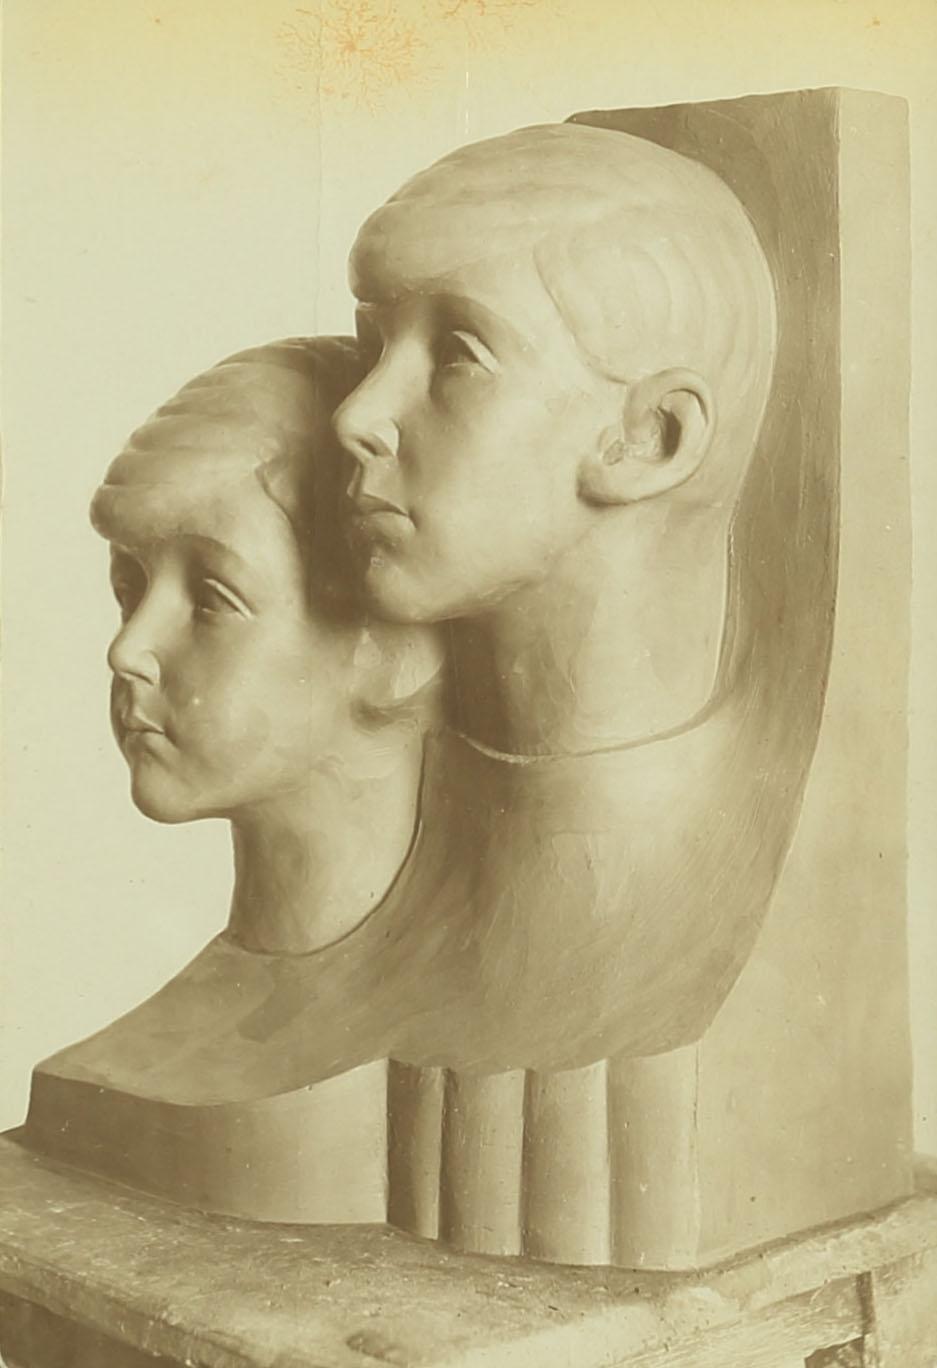 דיוקן ילדי הארי סאקר, 1922. צילום: פוטו פלסטיקה, תל-אביב. ארכיון אברהם מלניקוב ARC. 4* 1956 03 31